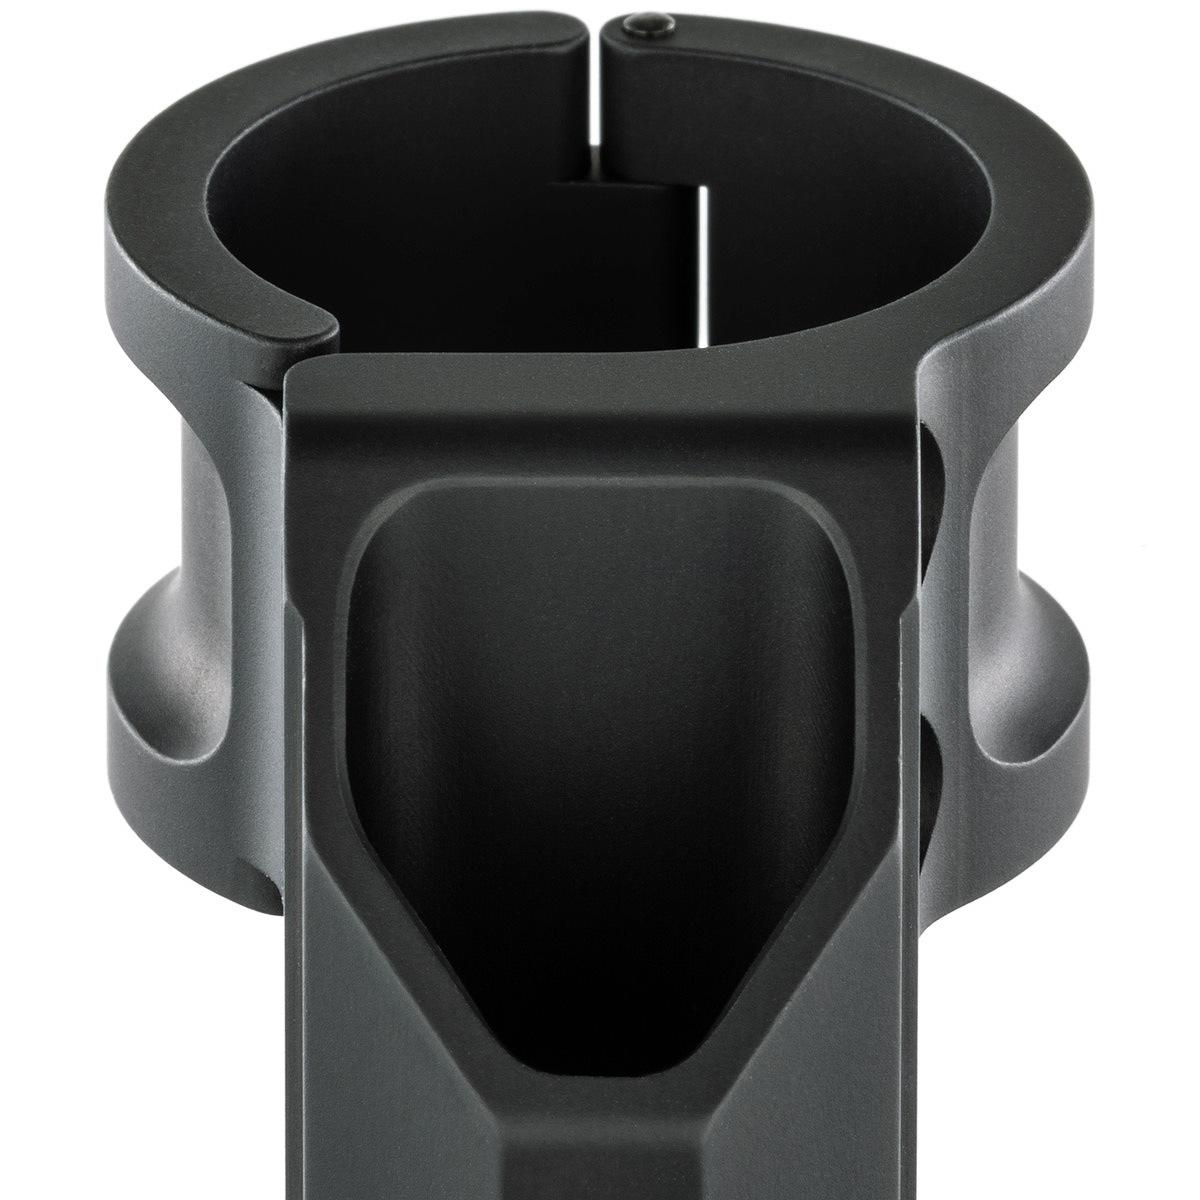 """スカラーワークス スコープマウント LEAP/07 30mm Ring Mount (1.57"""" height) SCALARWORKS"""